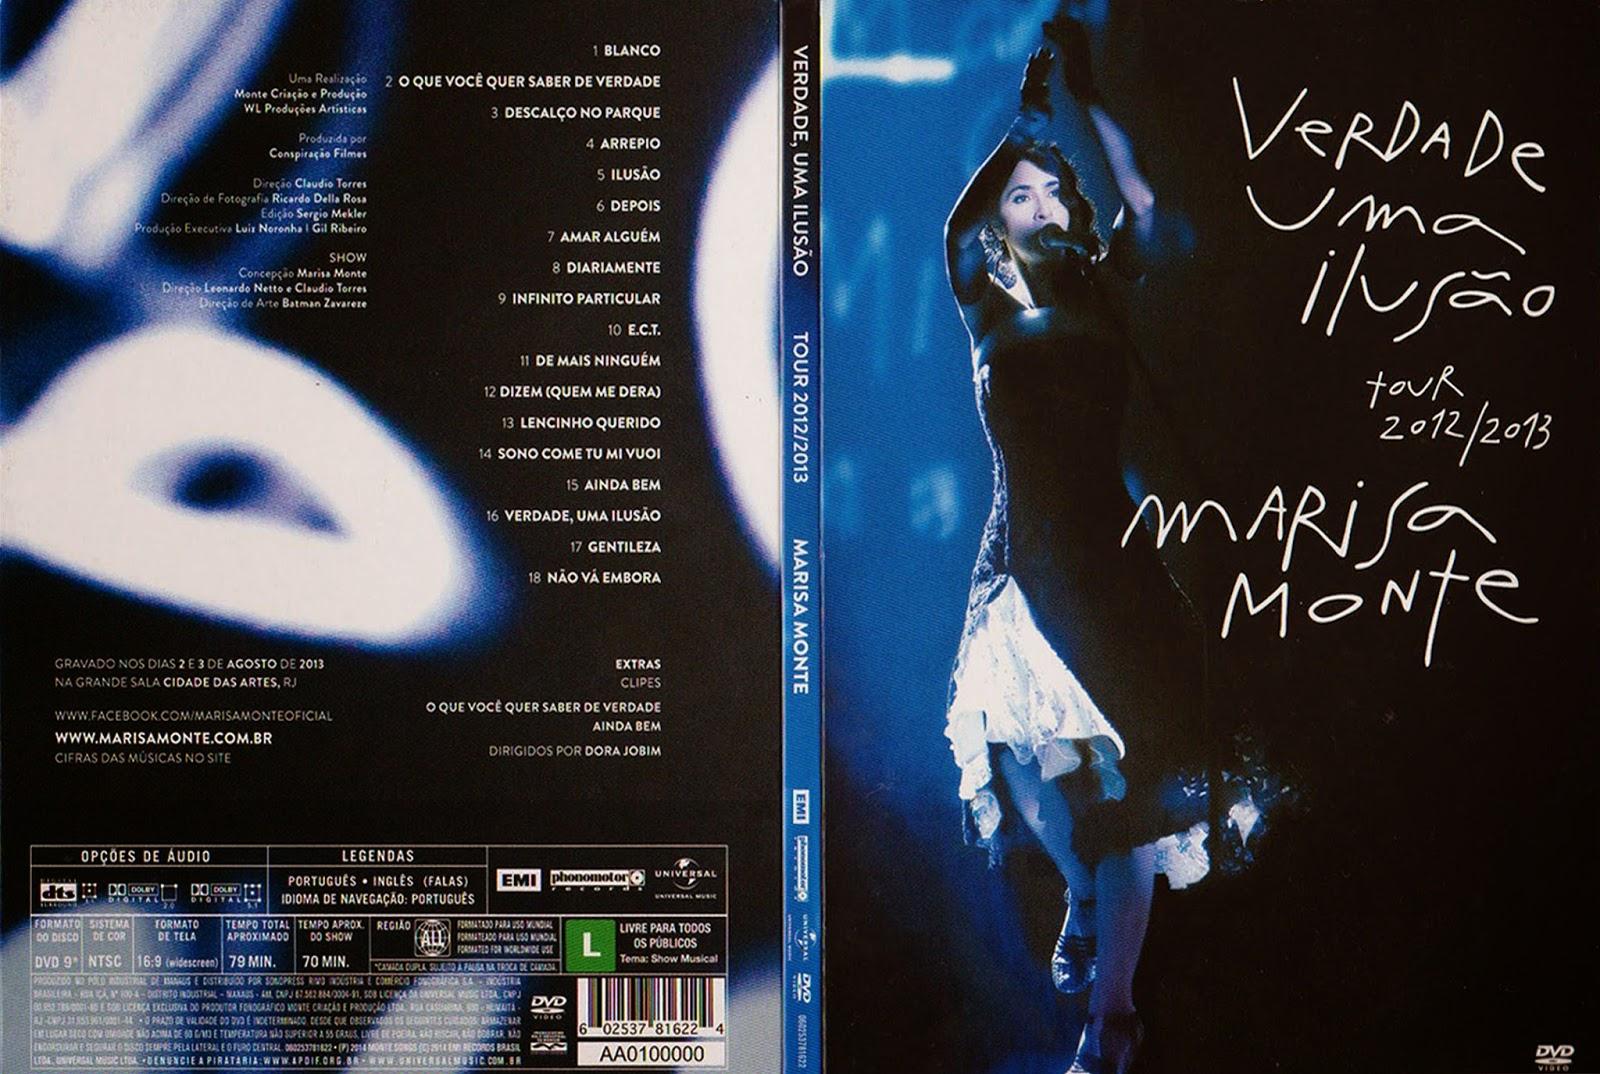 Download Marisa Monte Verdade Uma Ilusão DVDRip XviD 2014 Marisa Monte    Verdade Uma Ilus C3 A3o